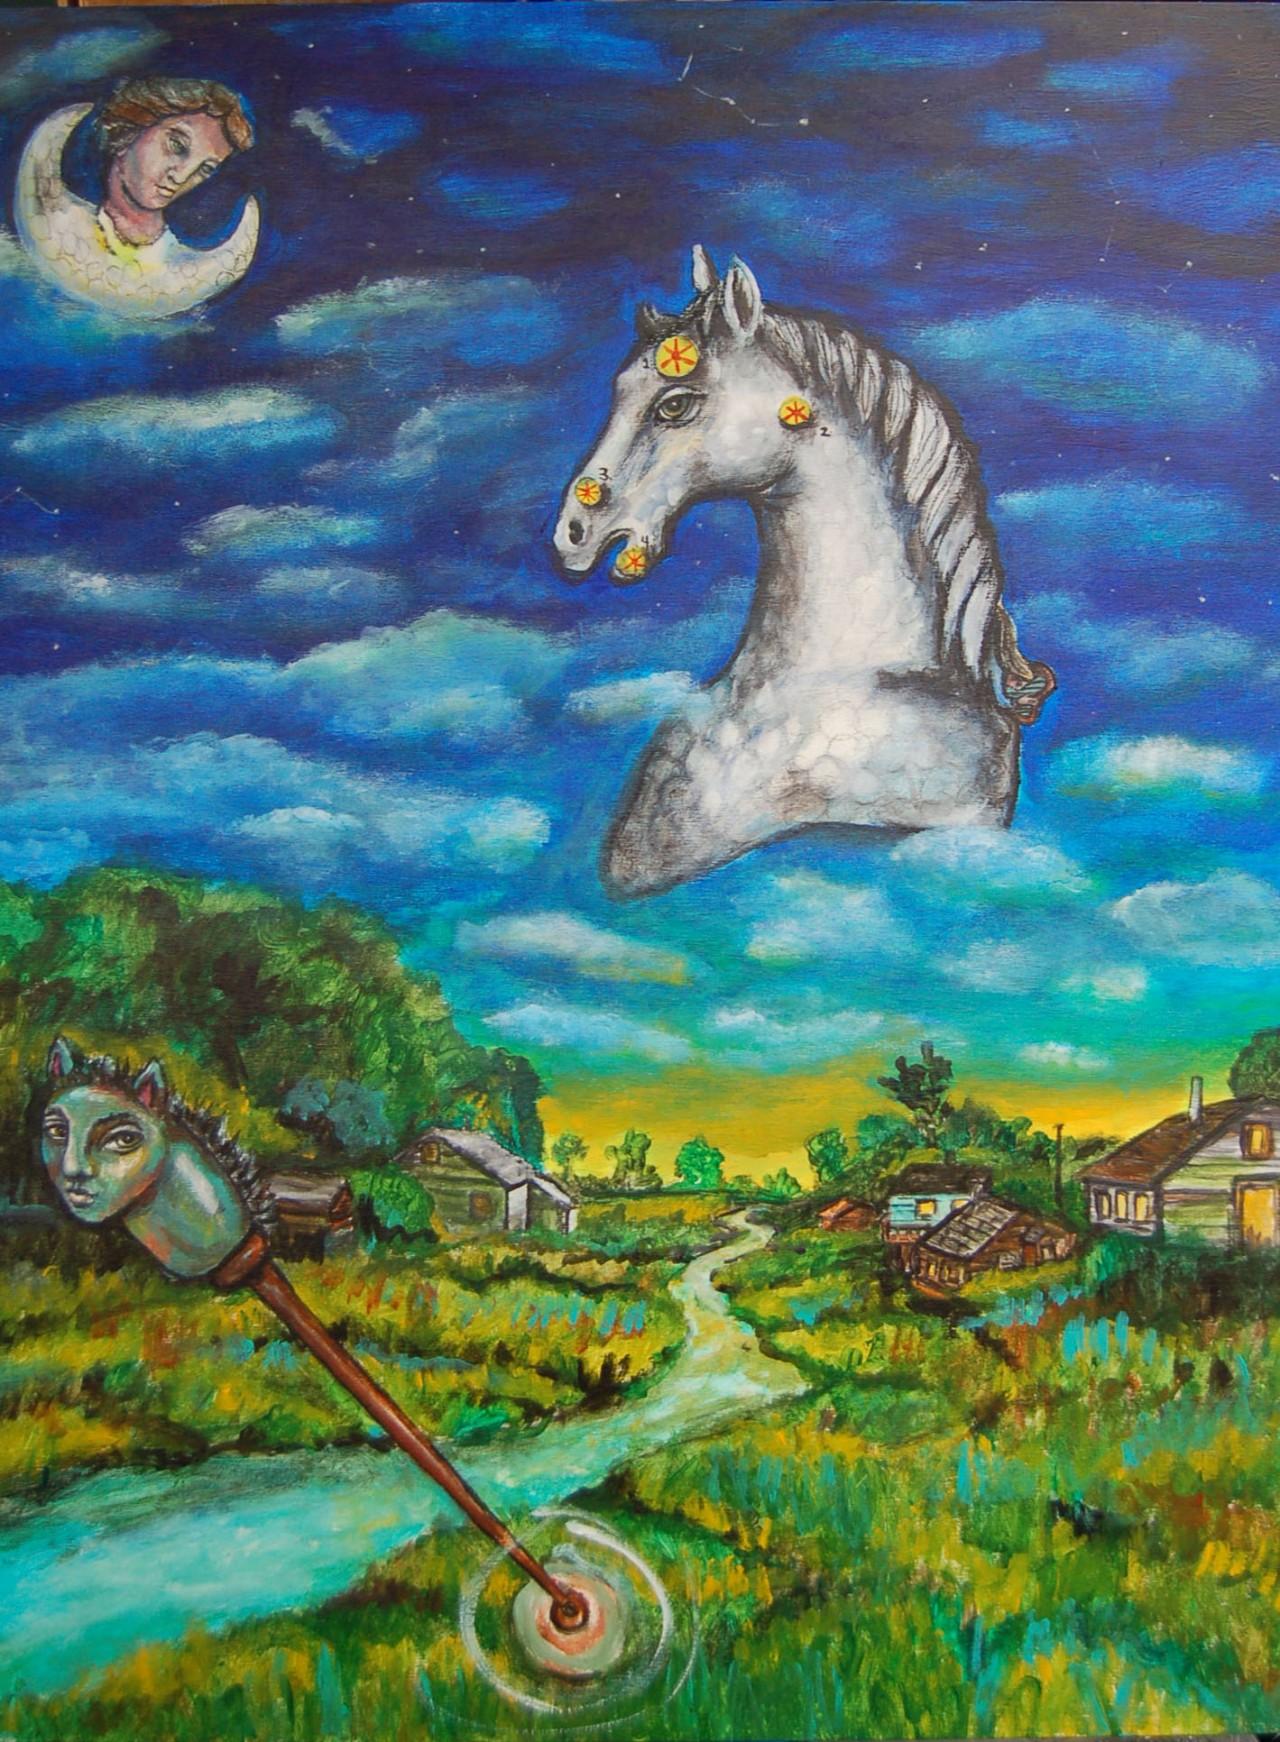 equus-liane-mclaren